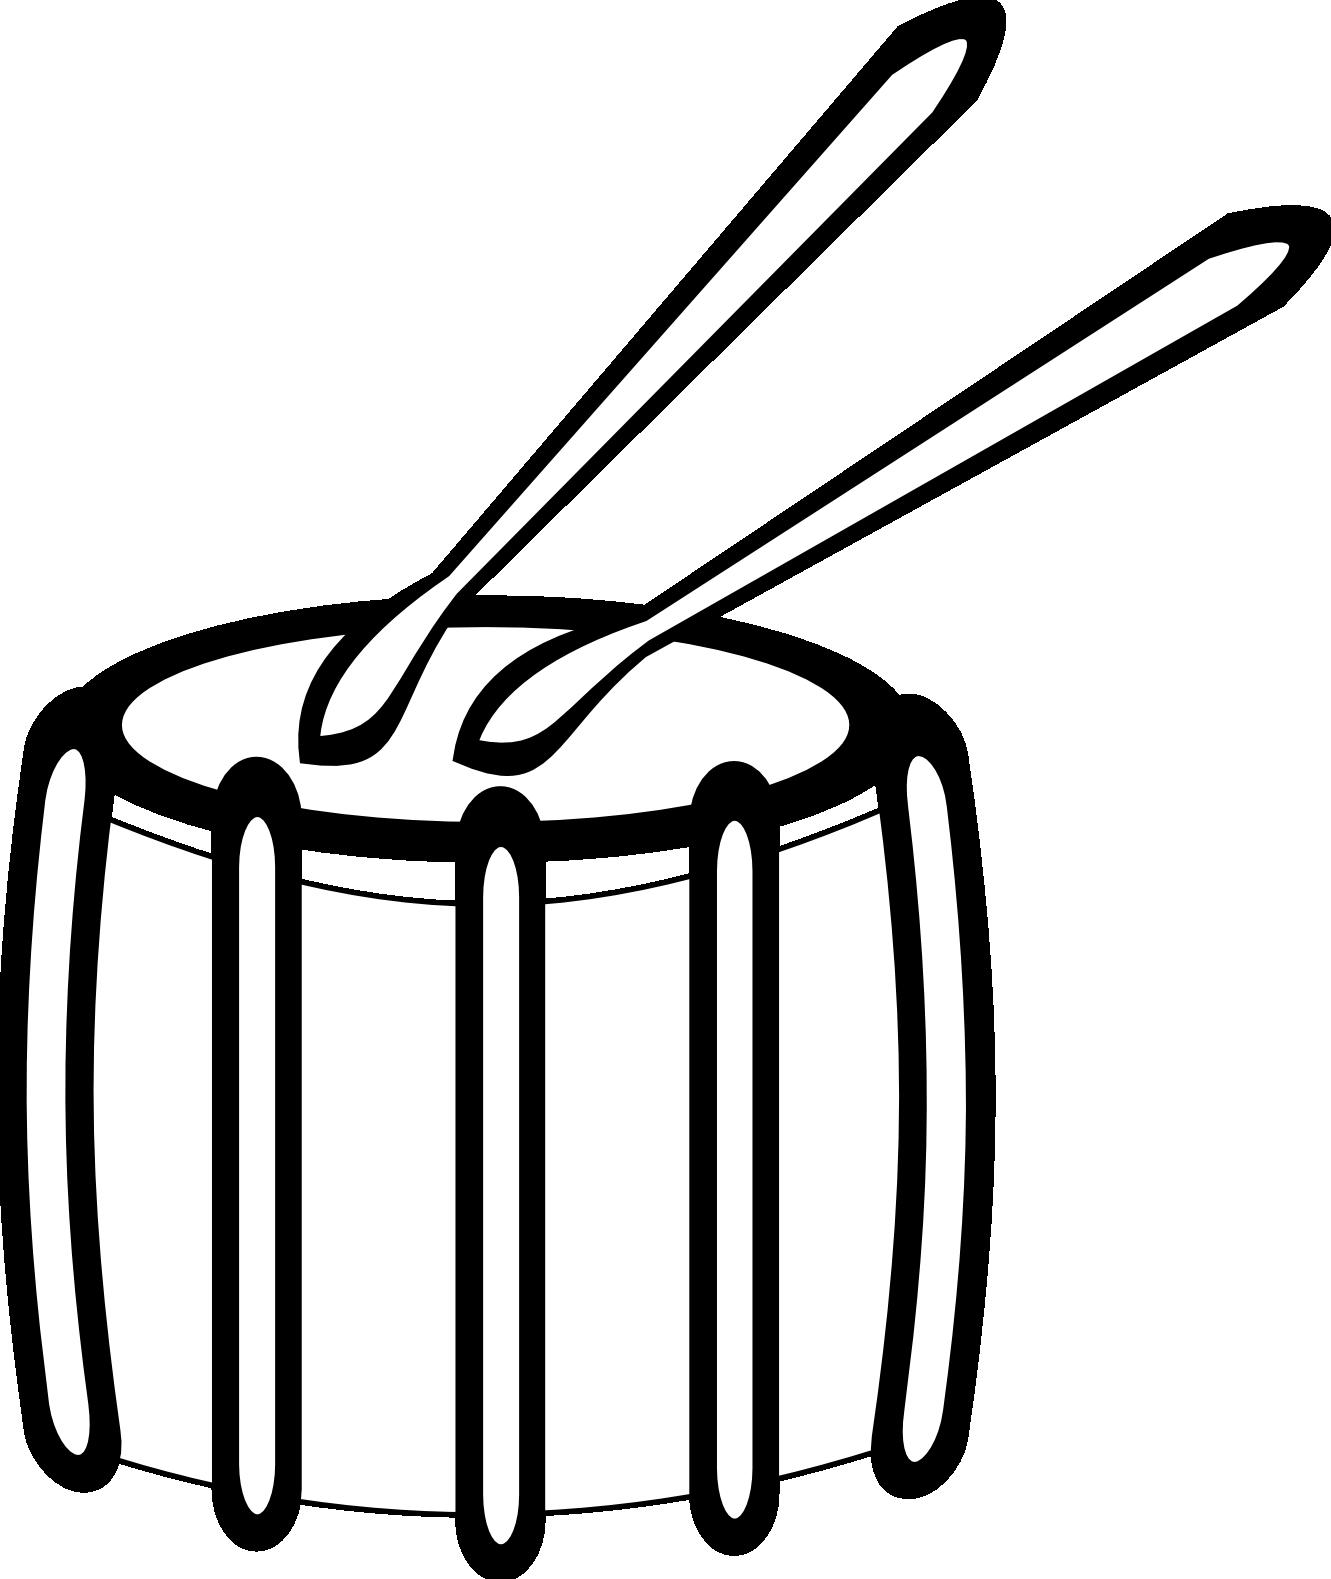 Snare drum clip art 2